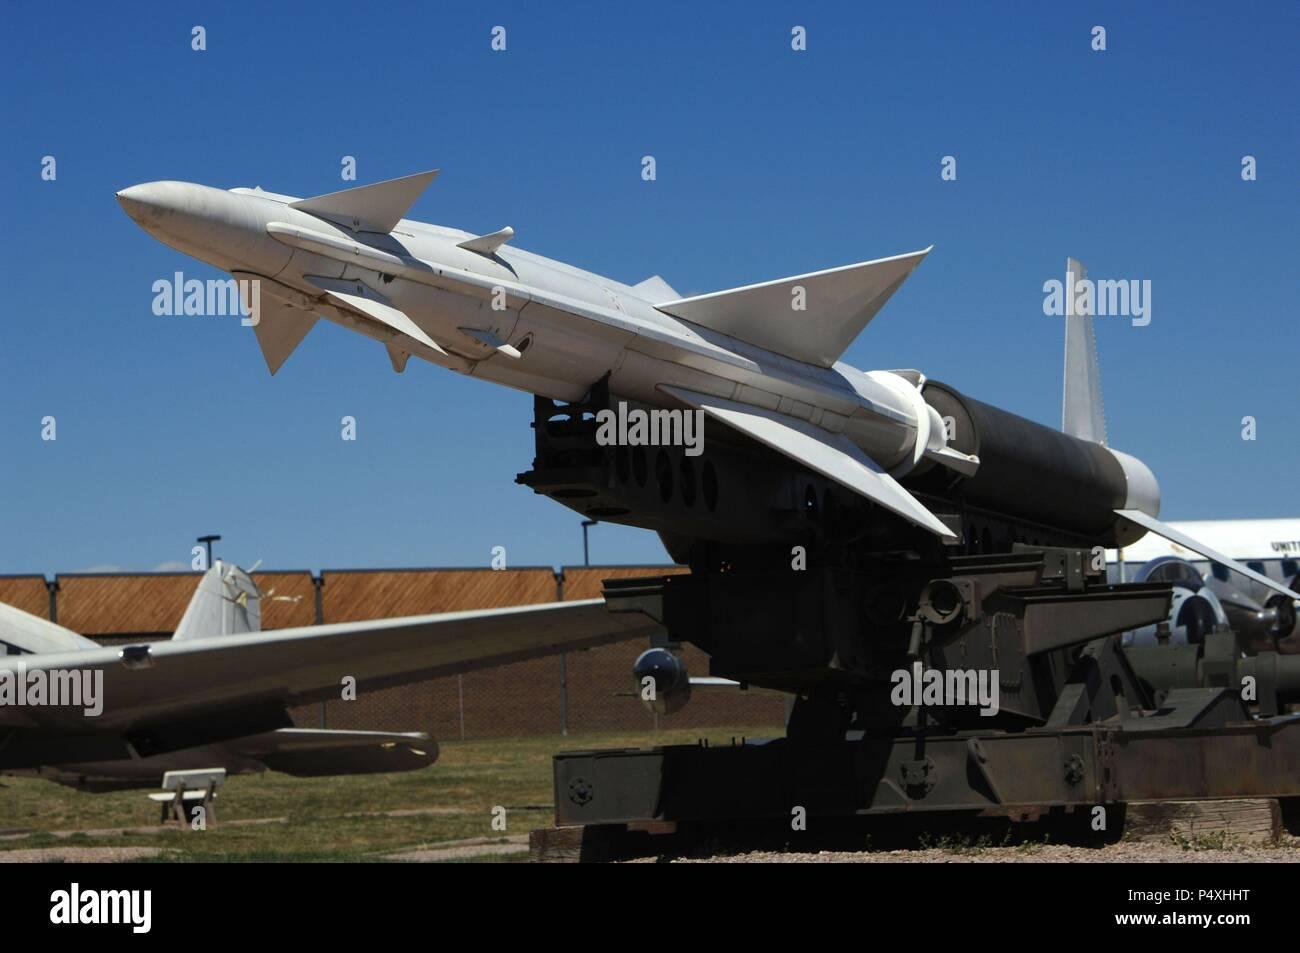 """WESTERN ELECTRIC NIKE """"AJAX"""". Primer sistema guiado de misiles tierra-aire. La primera producción data de 1952 y su activación operacional fue en 1954. Museo del Aire y el Espacio. Box Elder. Estado de Dakota del Sur. Estados Unidos. Stock Photo"""